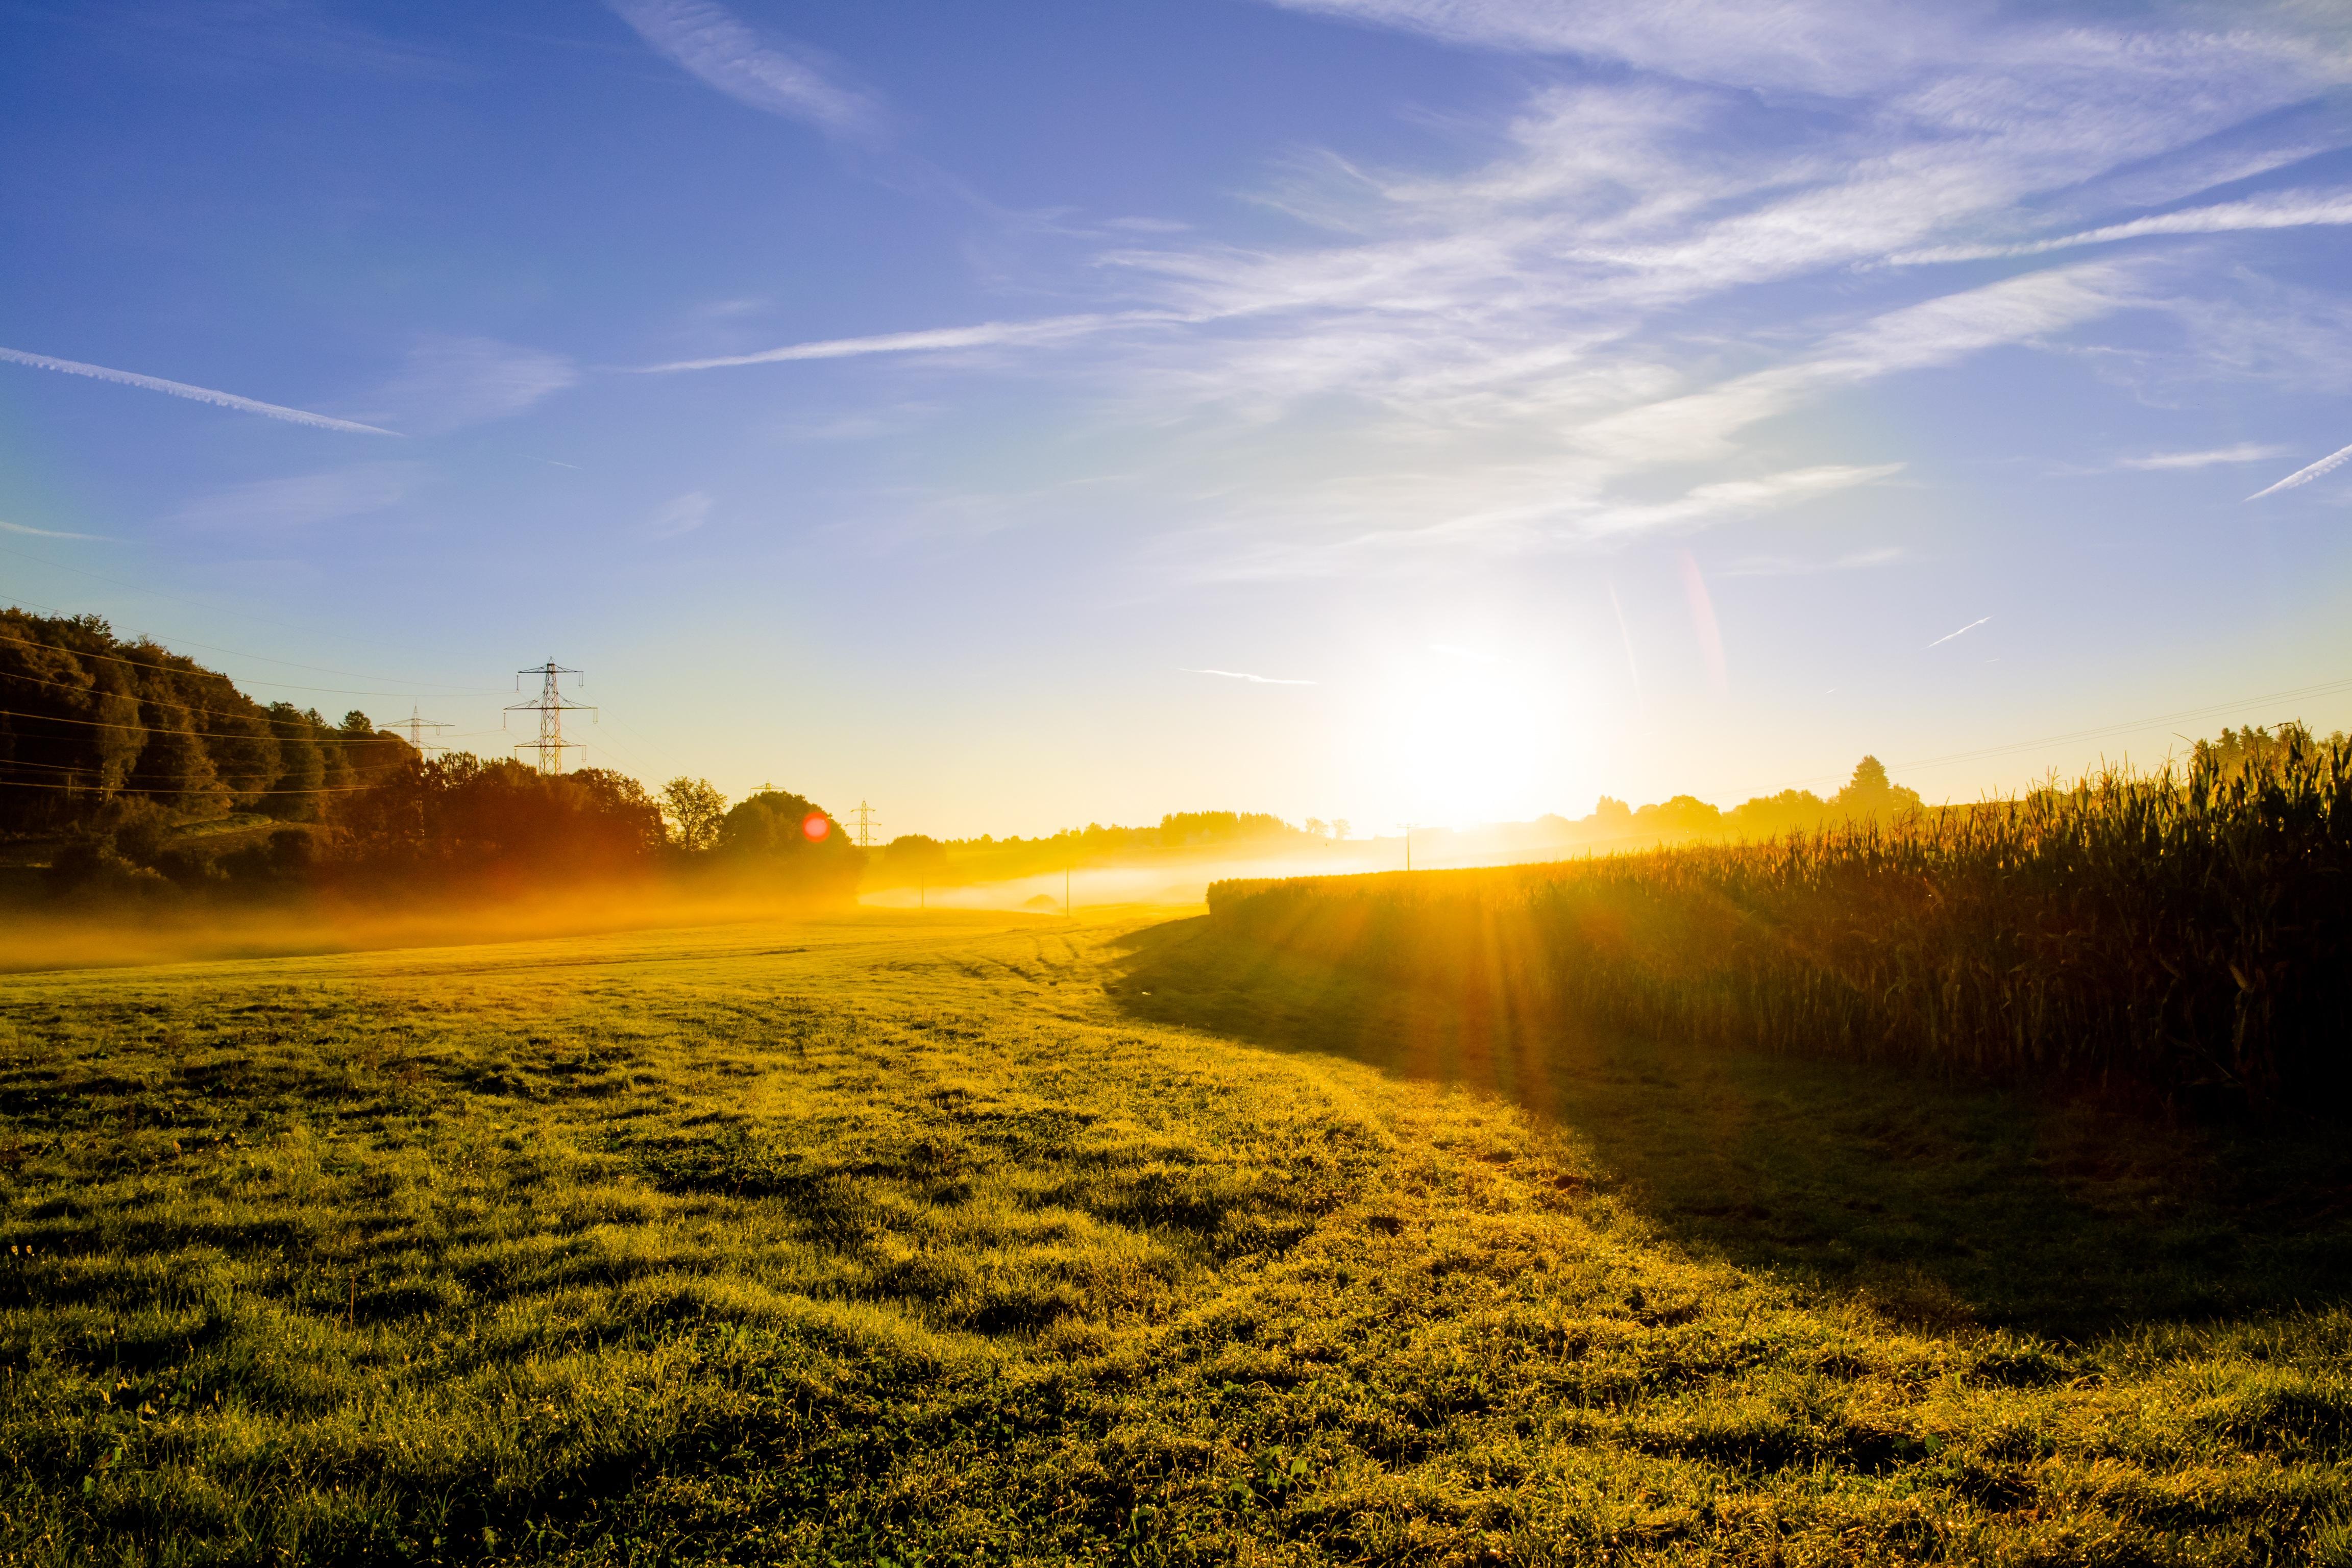 фонари фото утреннего солнца для научного мира